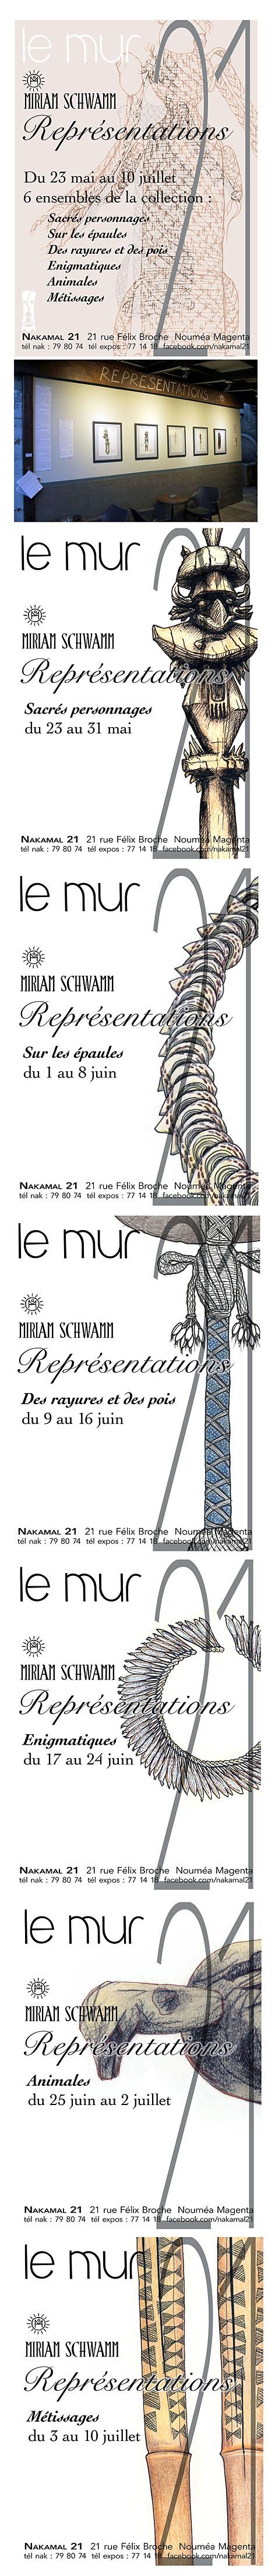 Exposition Représentations sur le mur du 21